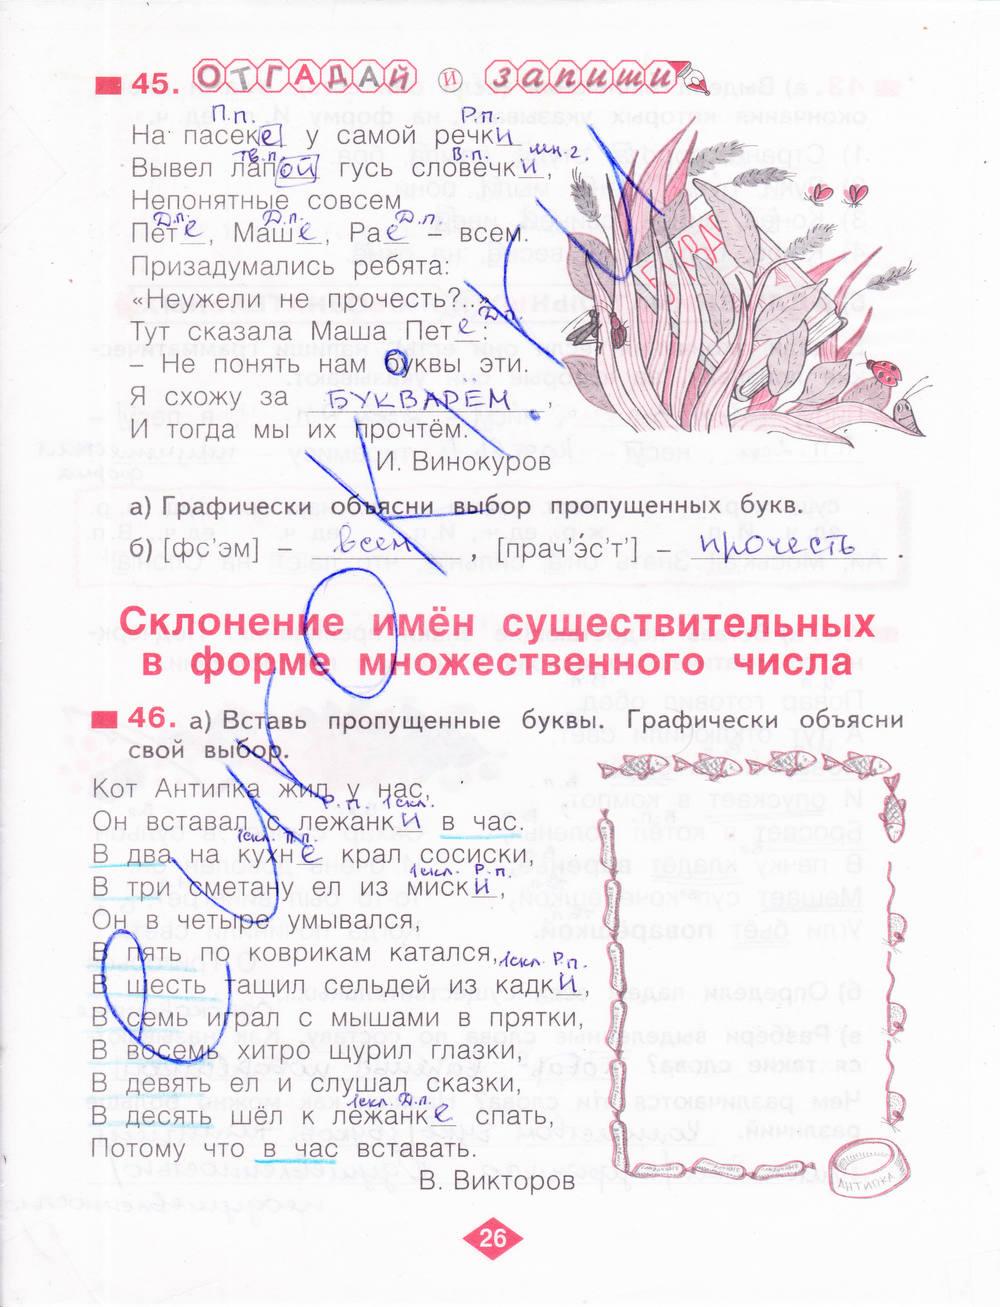 Воскресенская гдз по русскому 7 класс